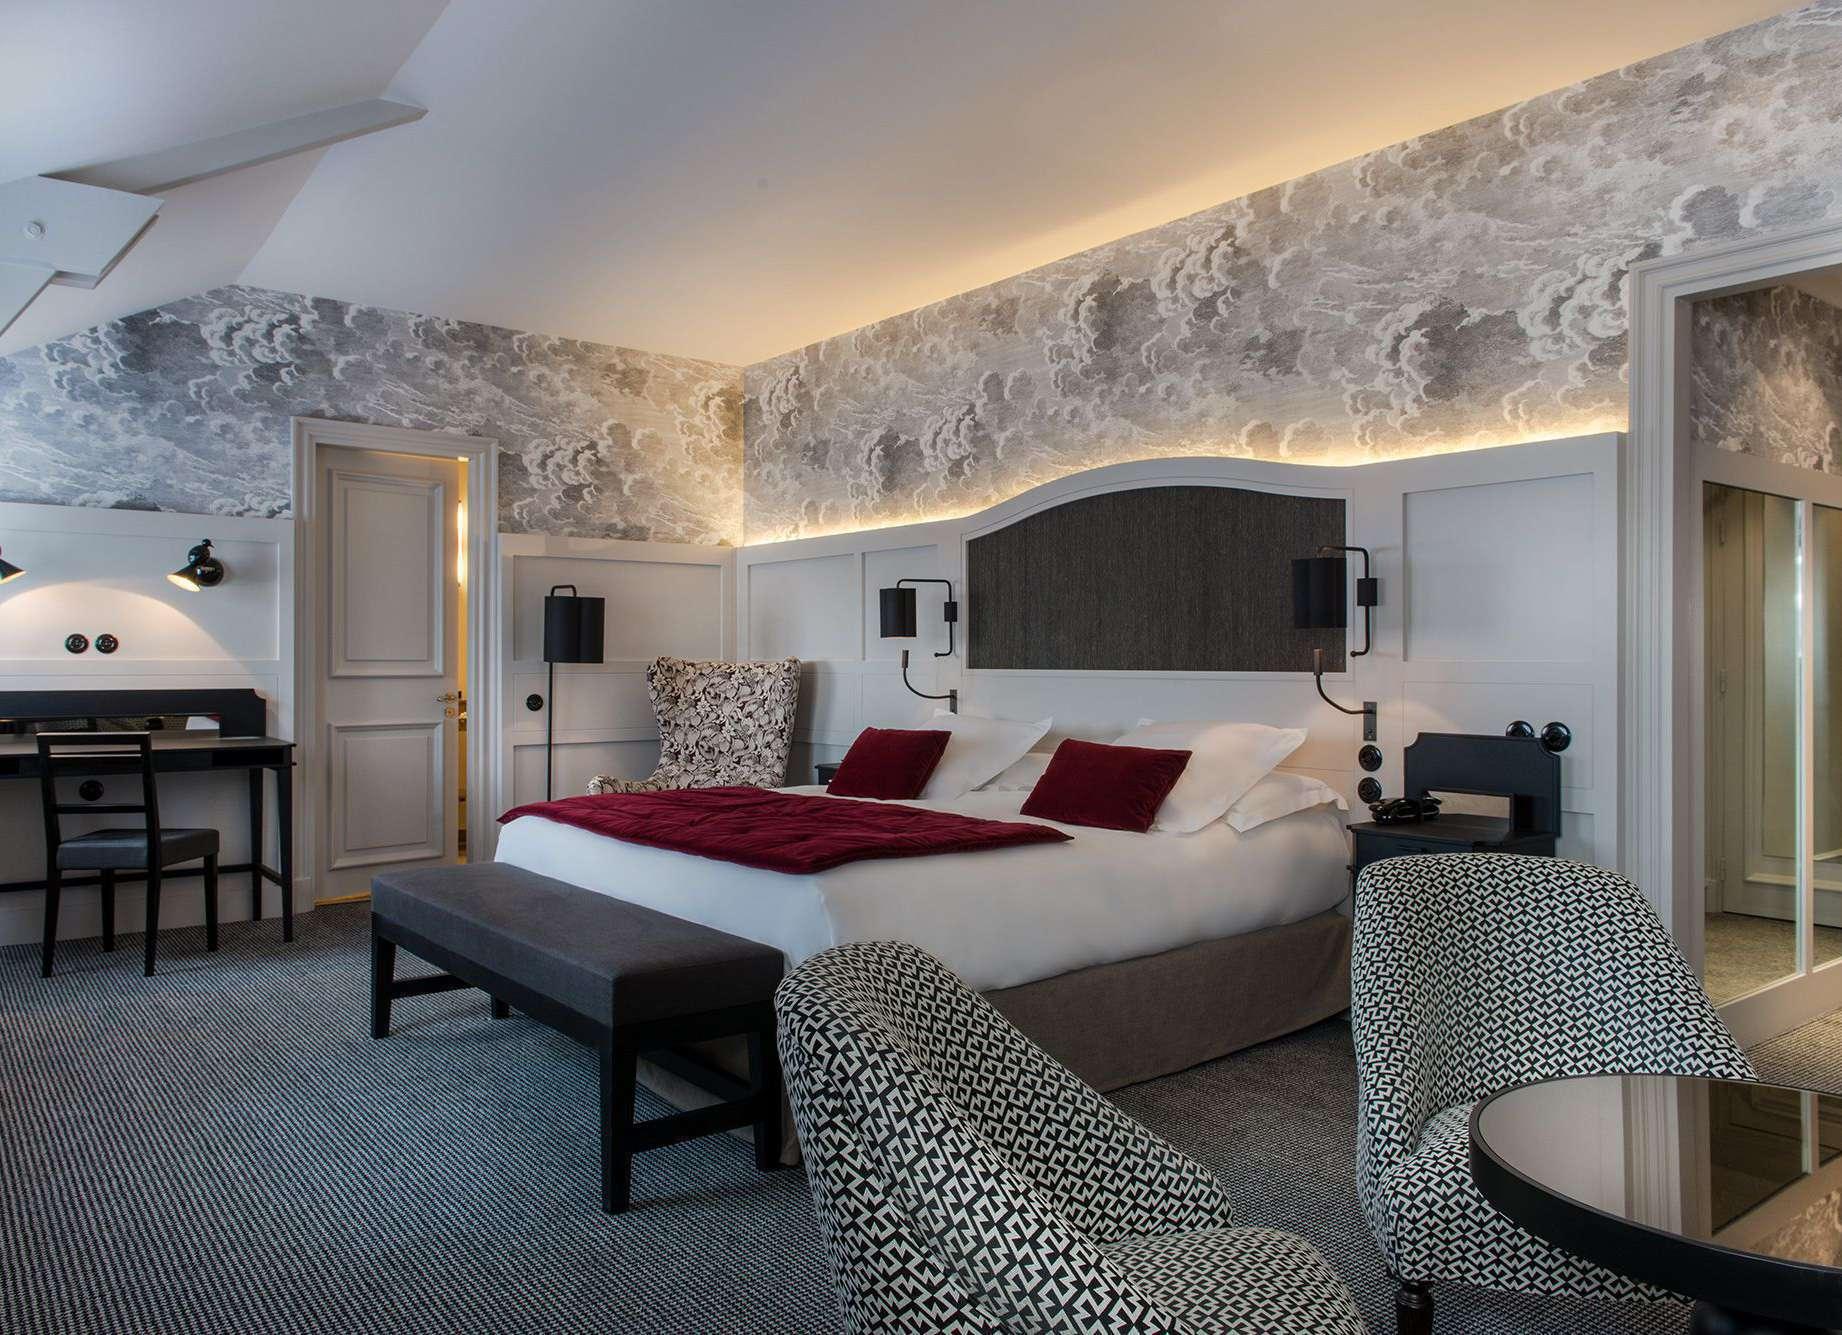 Les genres d'hôtels dans lesquels résider durant les vacances Image